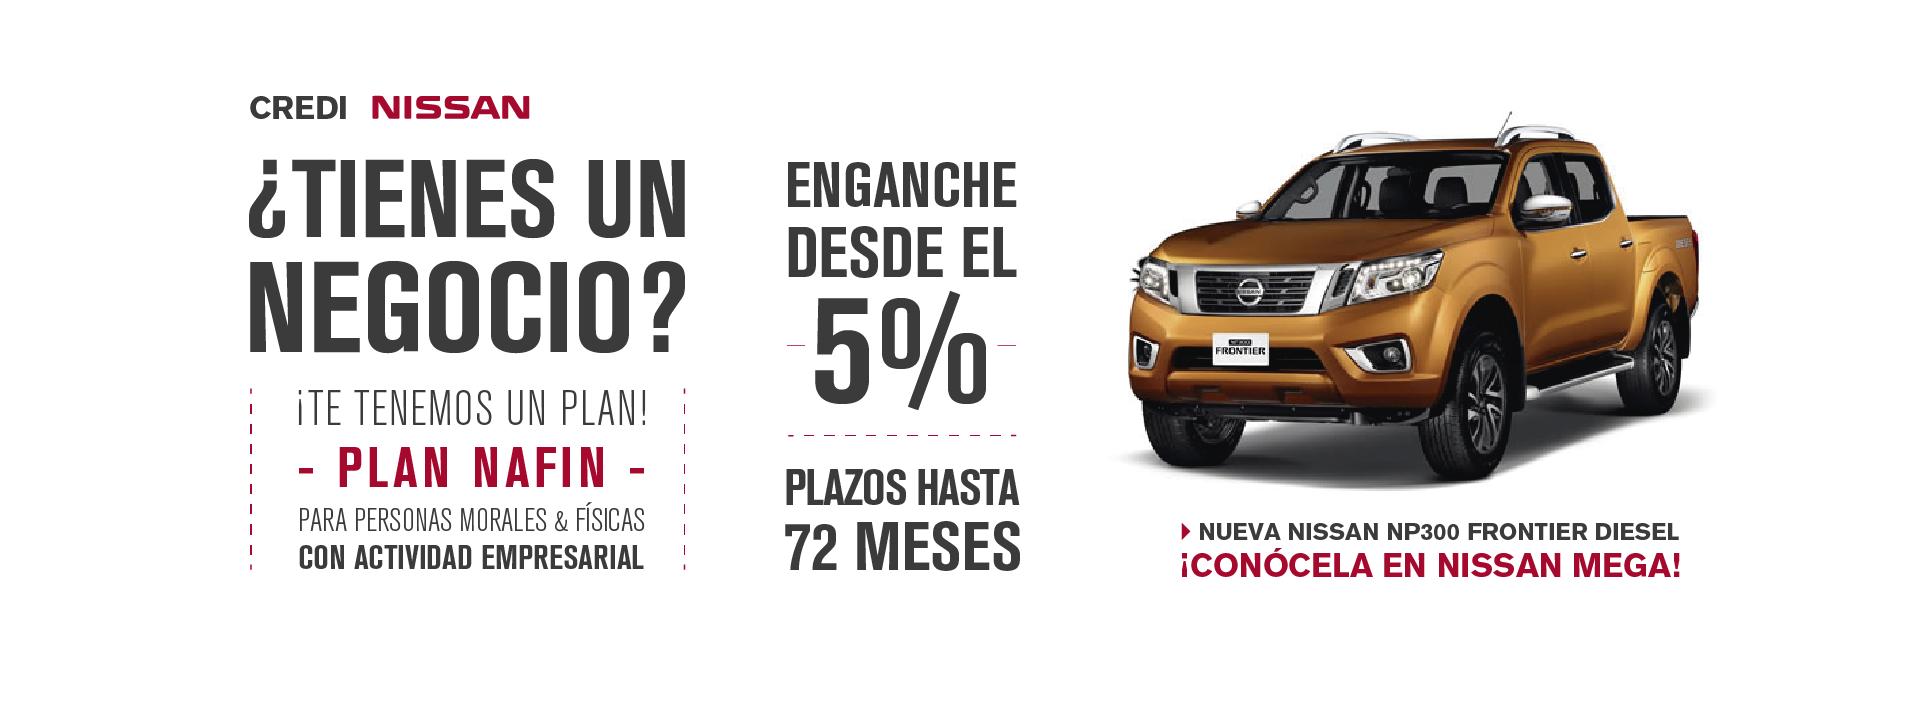 Nissan Empresarios Negocio Persona Moral Física Enganche Bajo